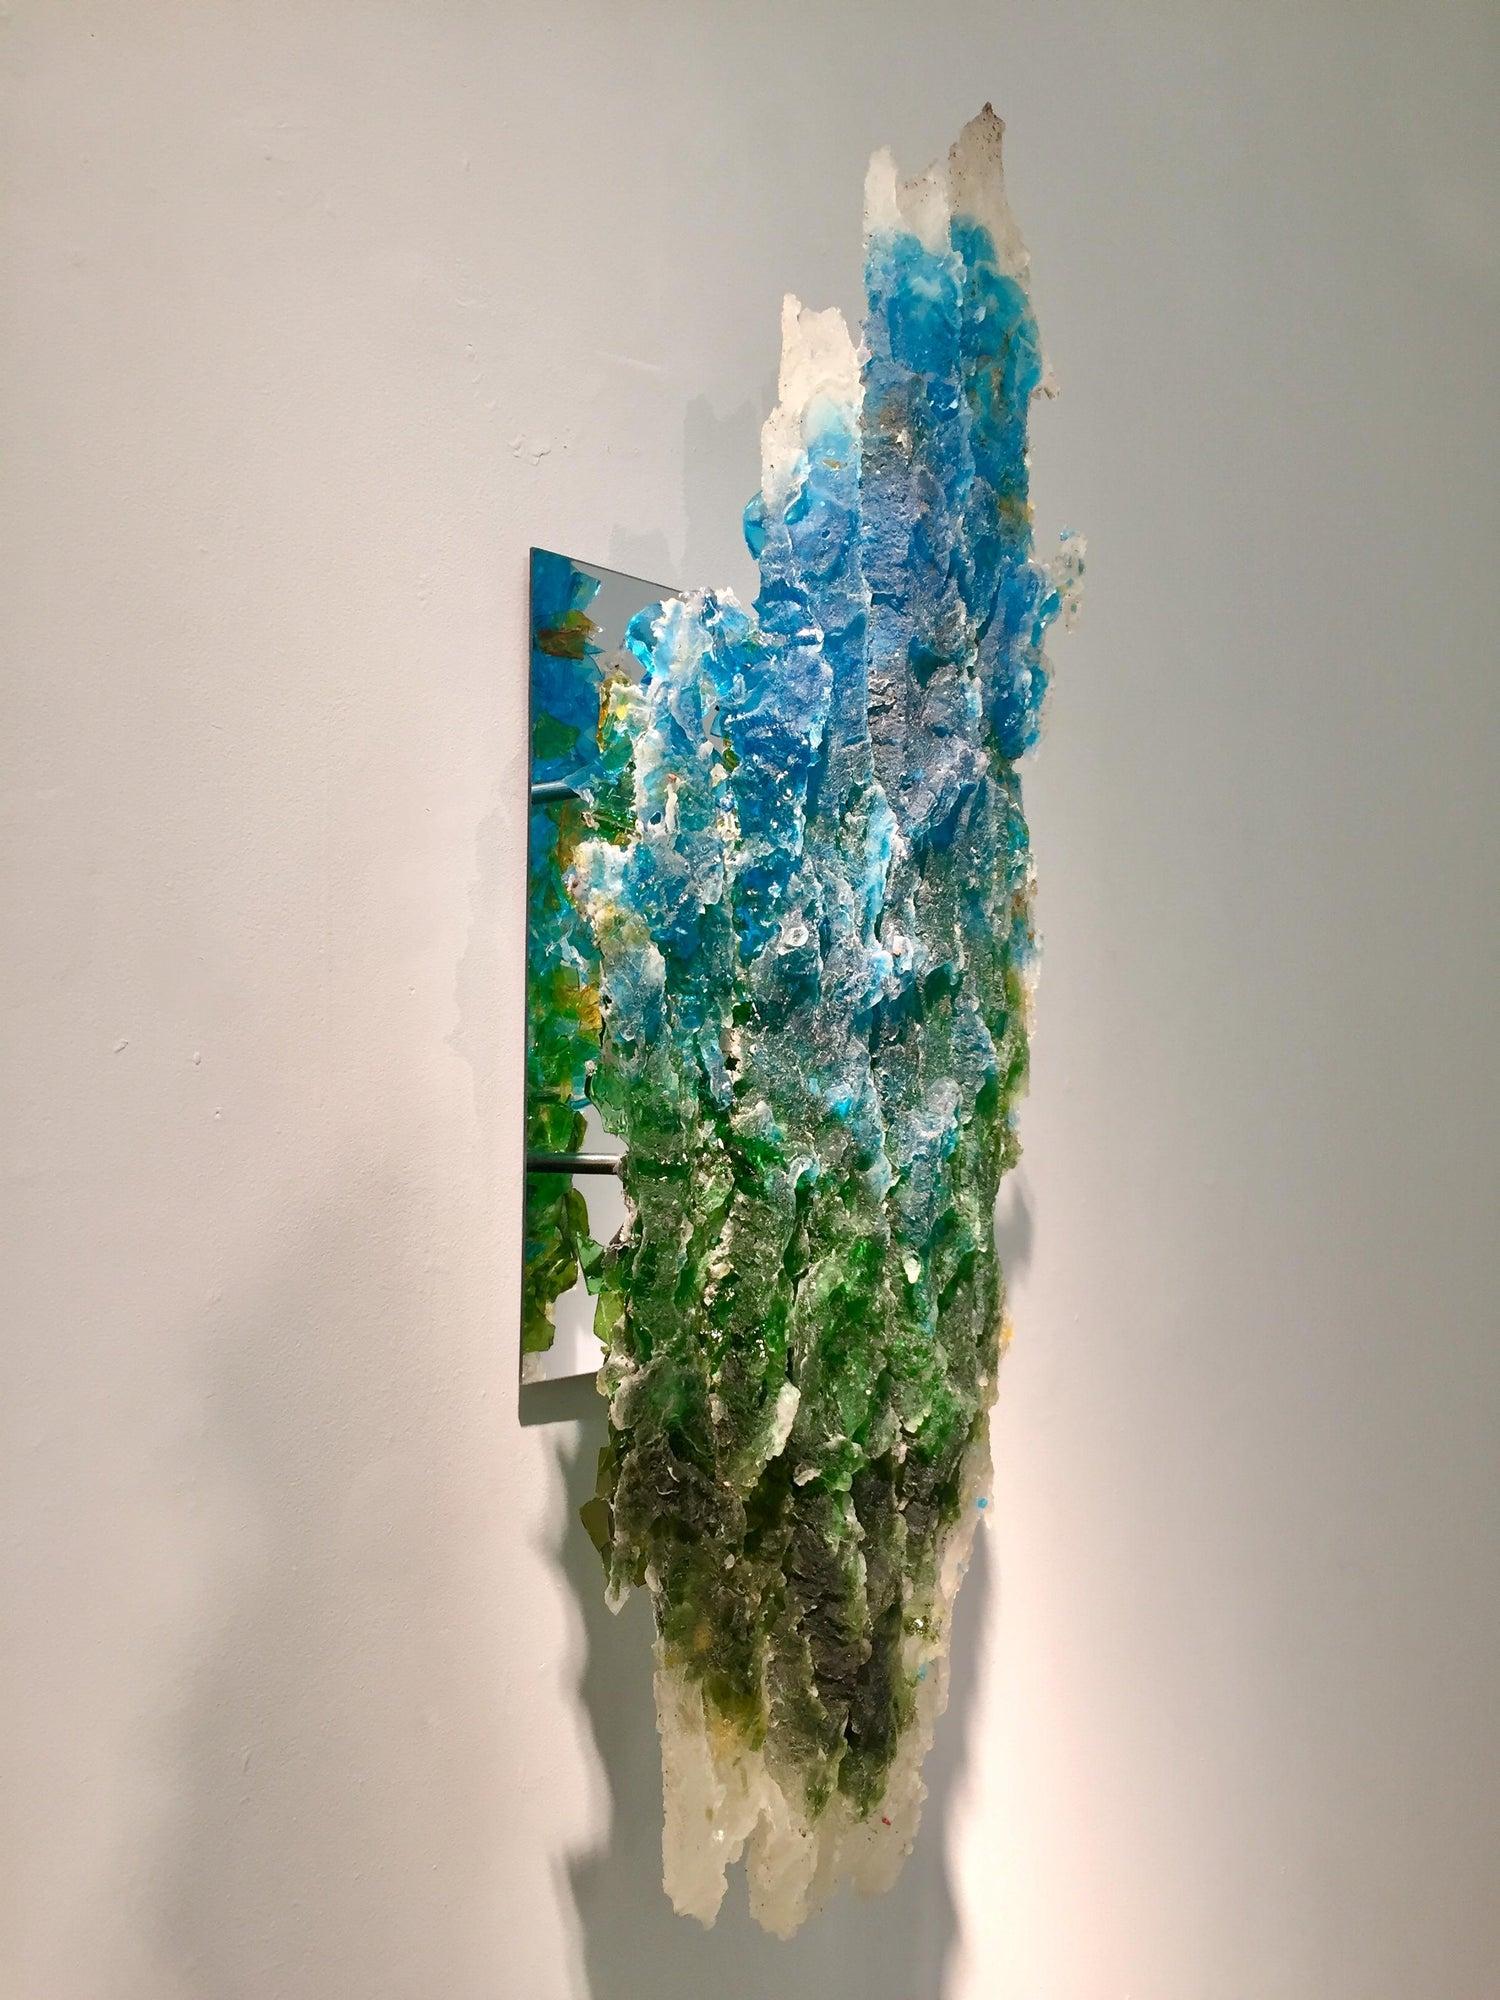 Rachel Owens, Queens Giant No  16, 2017, Broken glass cast in resin with  steel